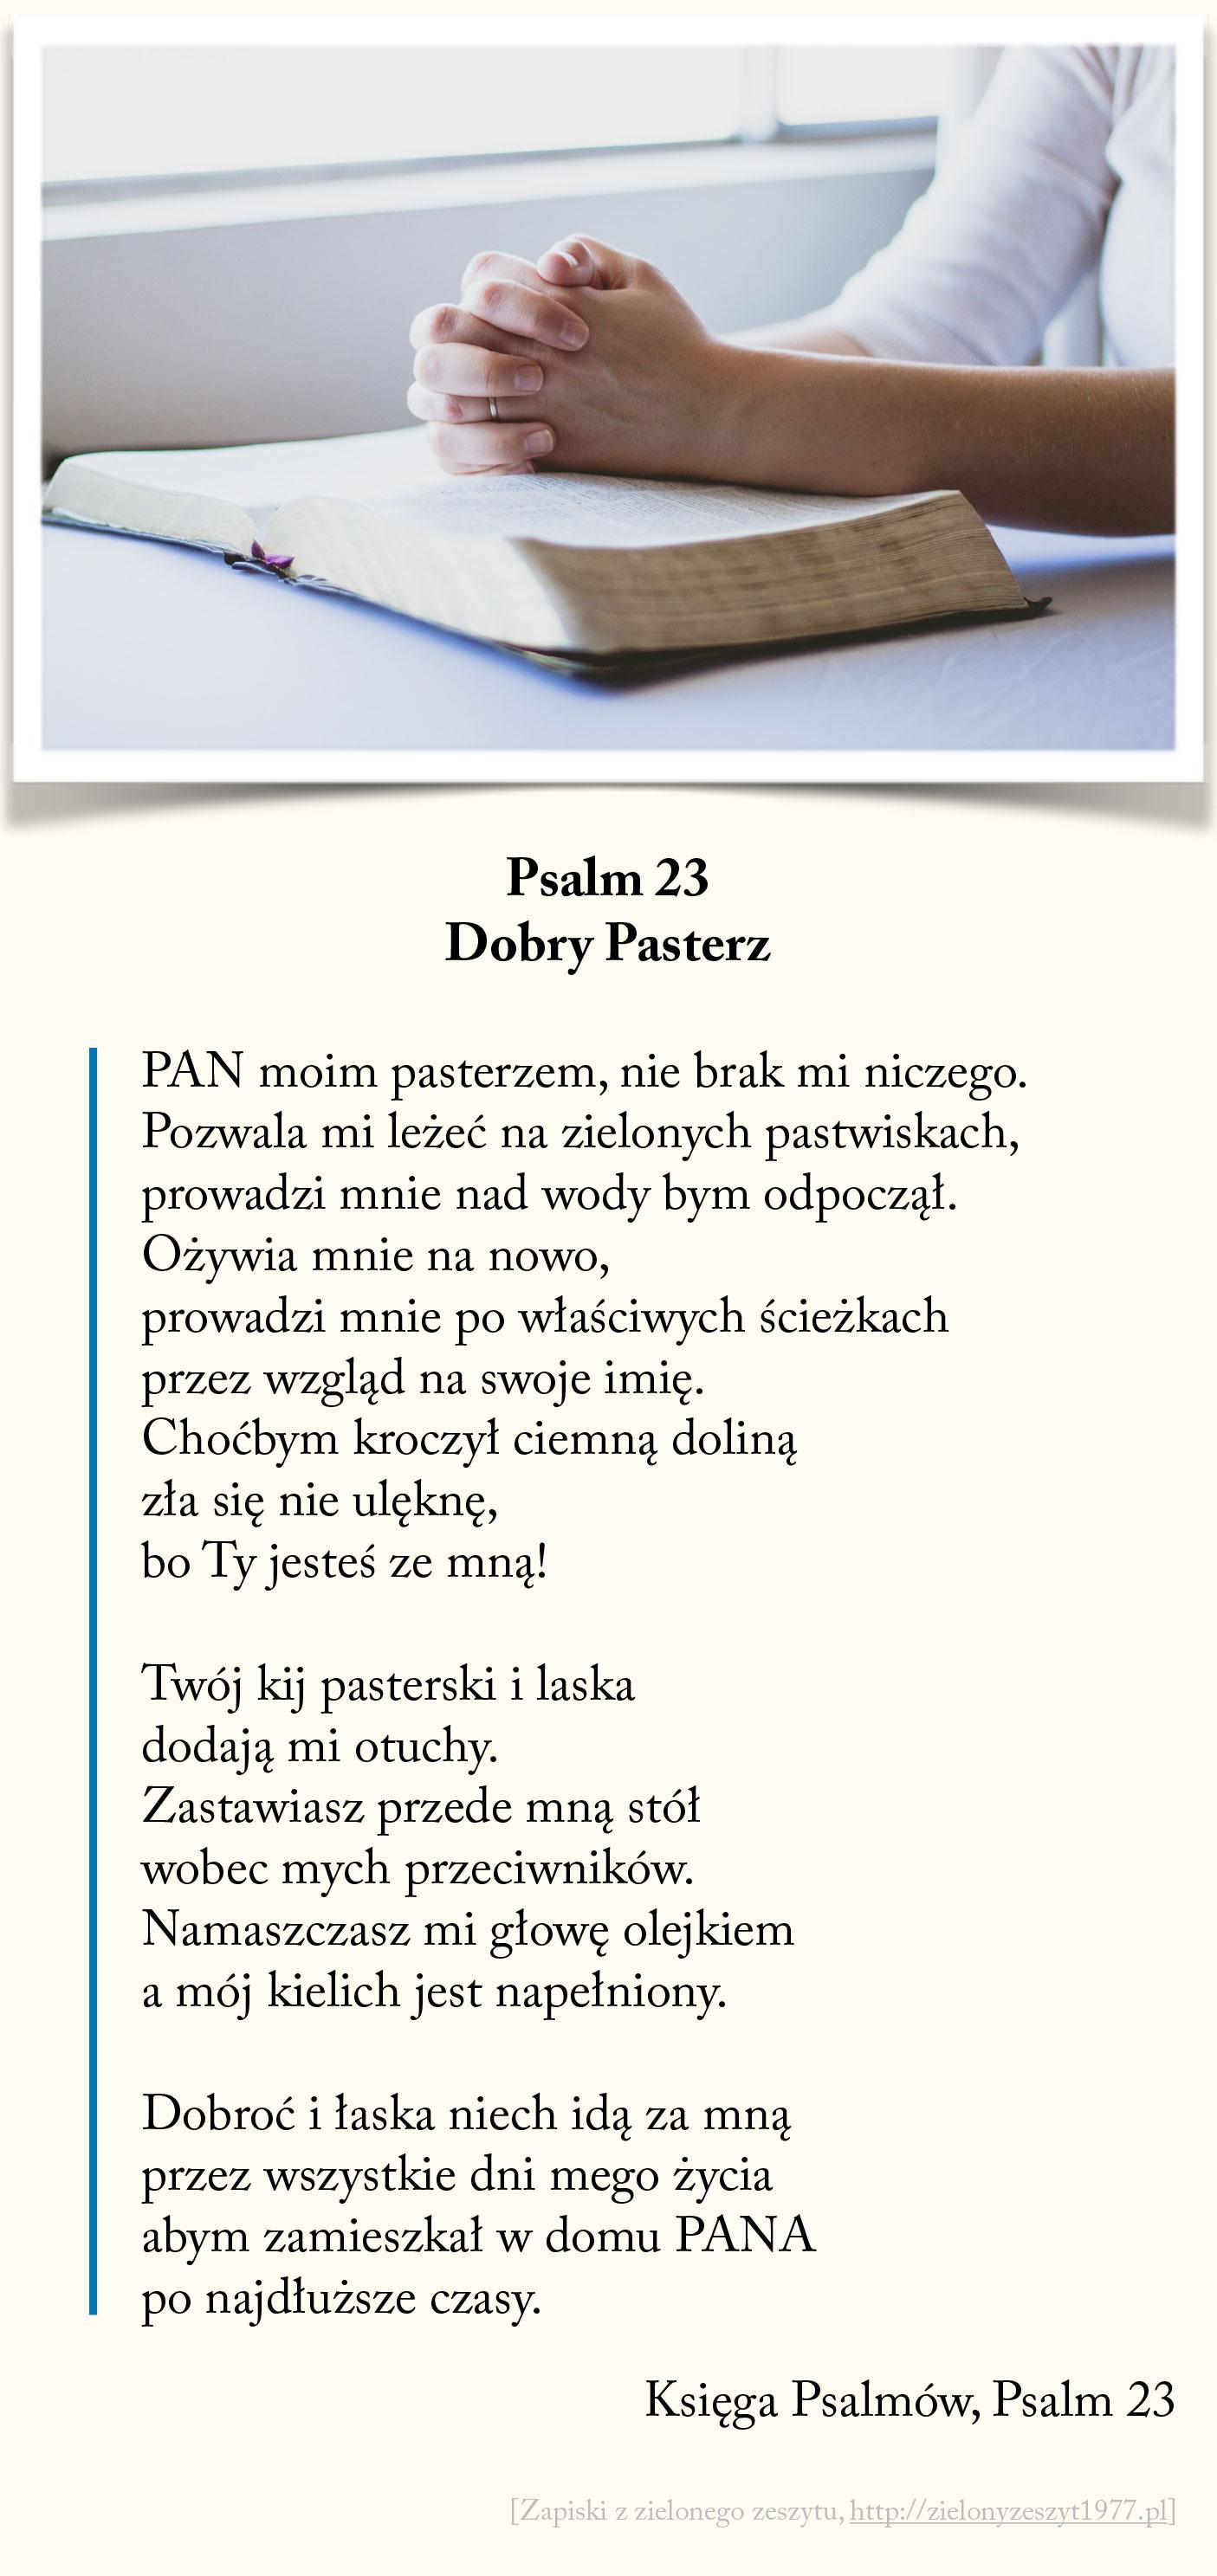 Dobry Pasterz, Psalm 23